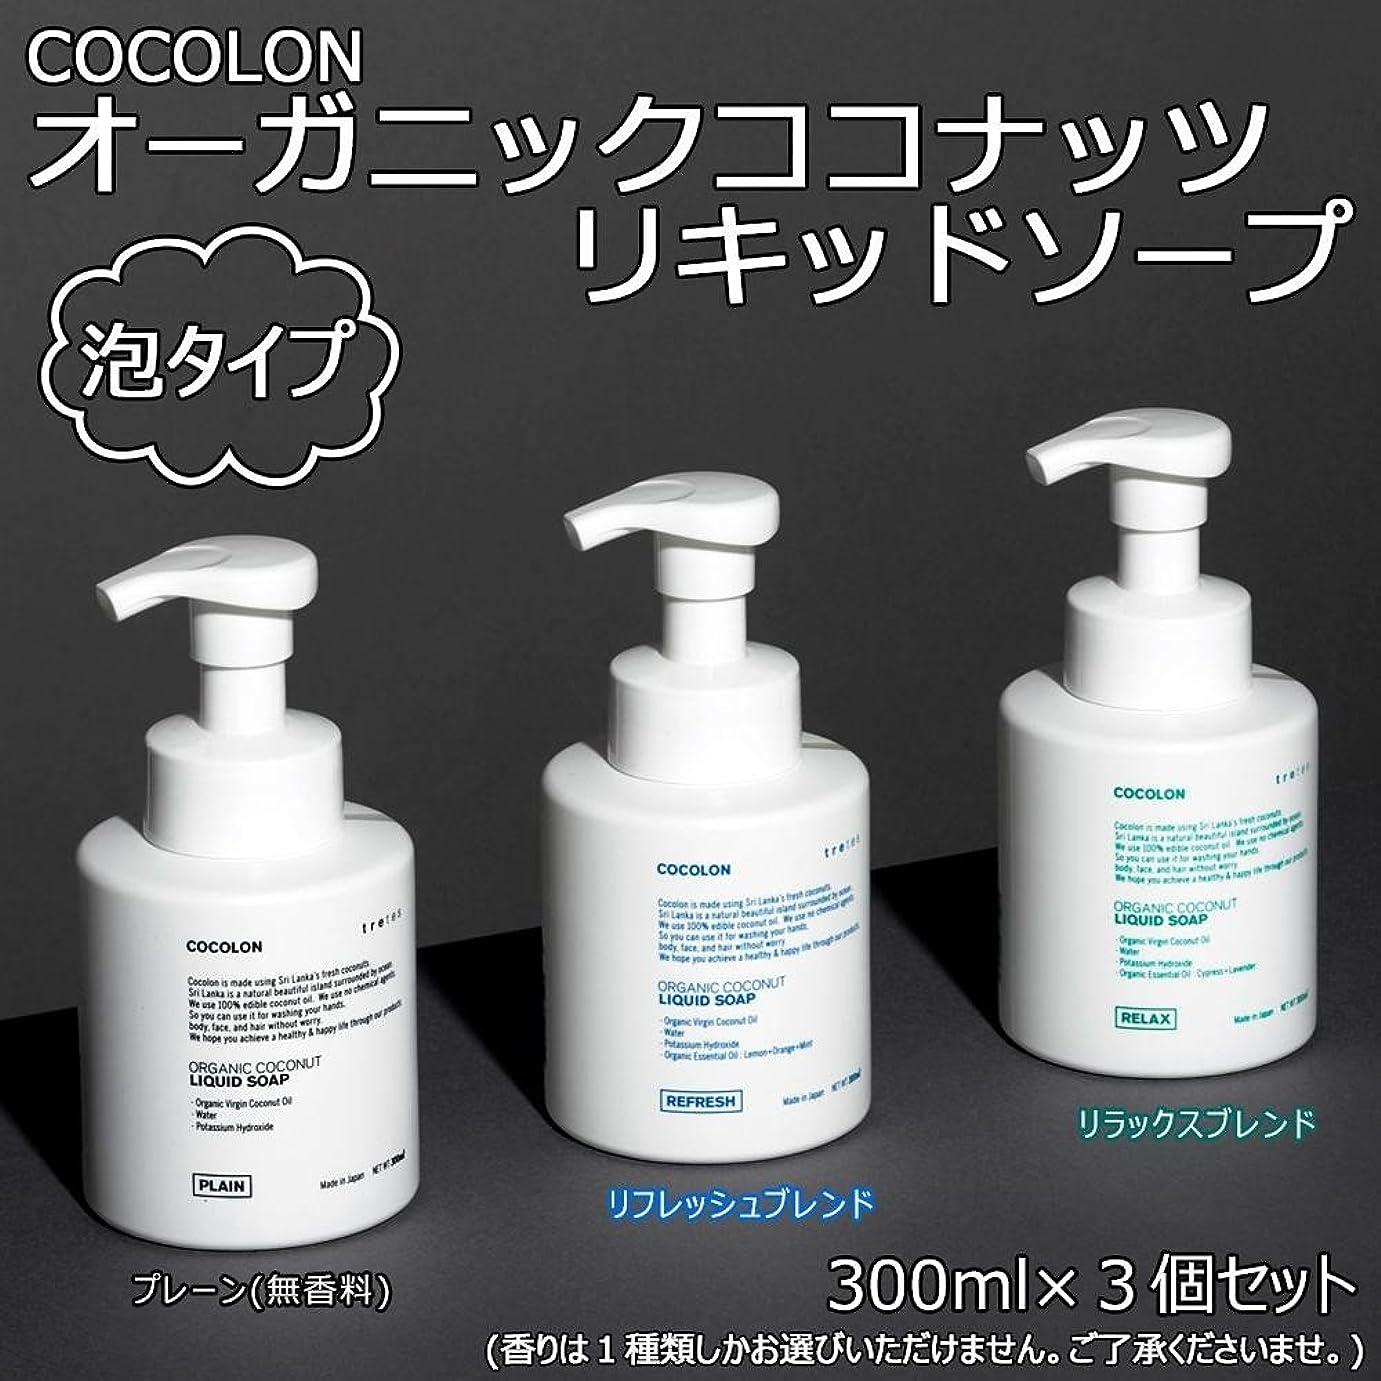 コカイン悩み軽量COCOLON ココロン オーガニックココナッツリキッドソープ 泡タイプ 300ml 3個セット【同梱?代引不可】 ■3種類の内「プレーン(無香料)」のみです